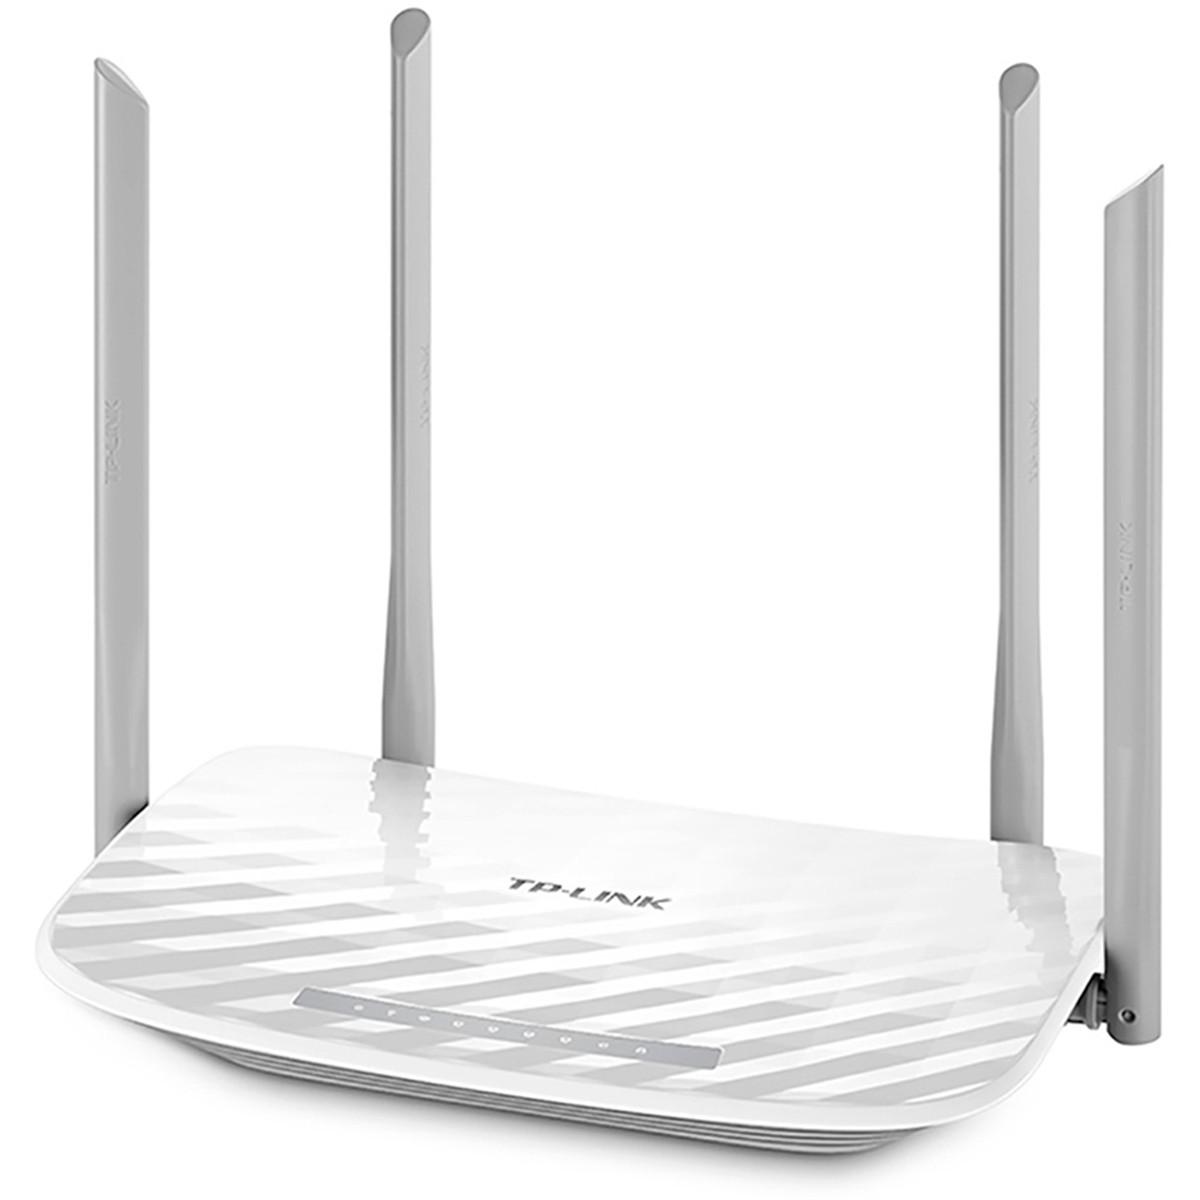 Roteador Wireless com 4 Antenas TP-LINK Archer C25 AC900 433Mbps e 450Mbps